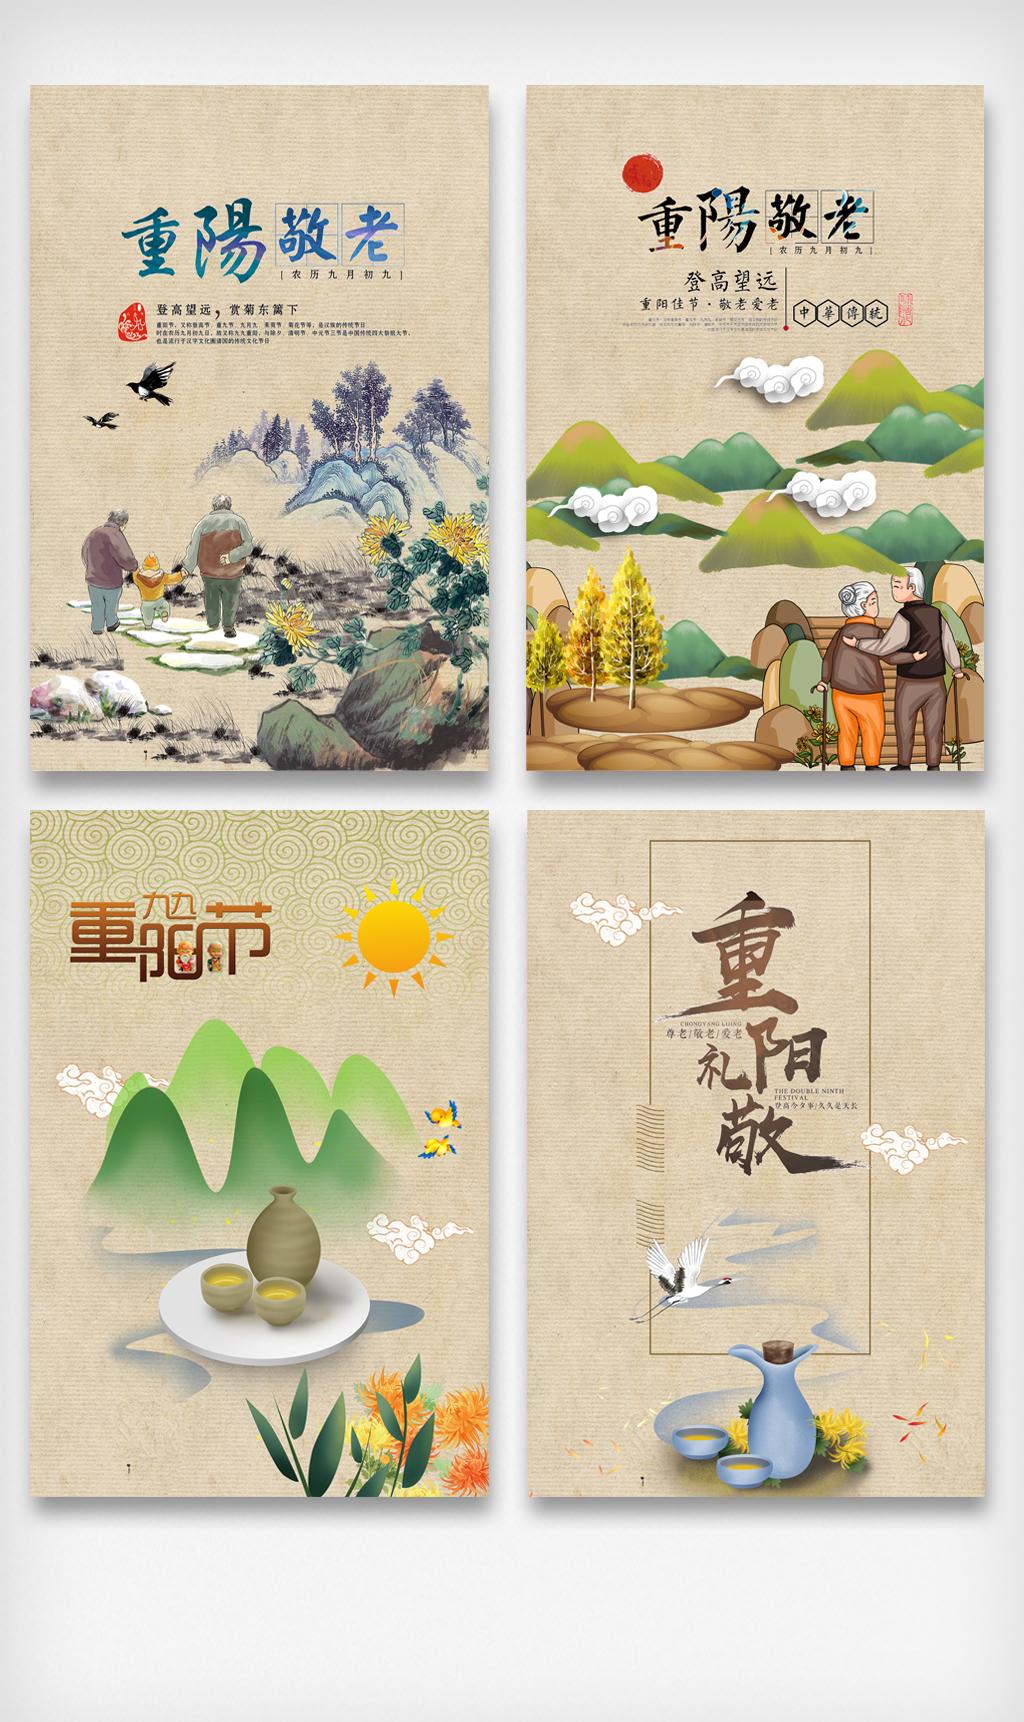 九九重阳节敬老美德海报背景元素图片素材 PSD分层格式 下载 其他大